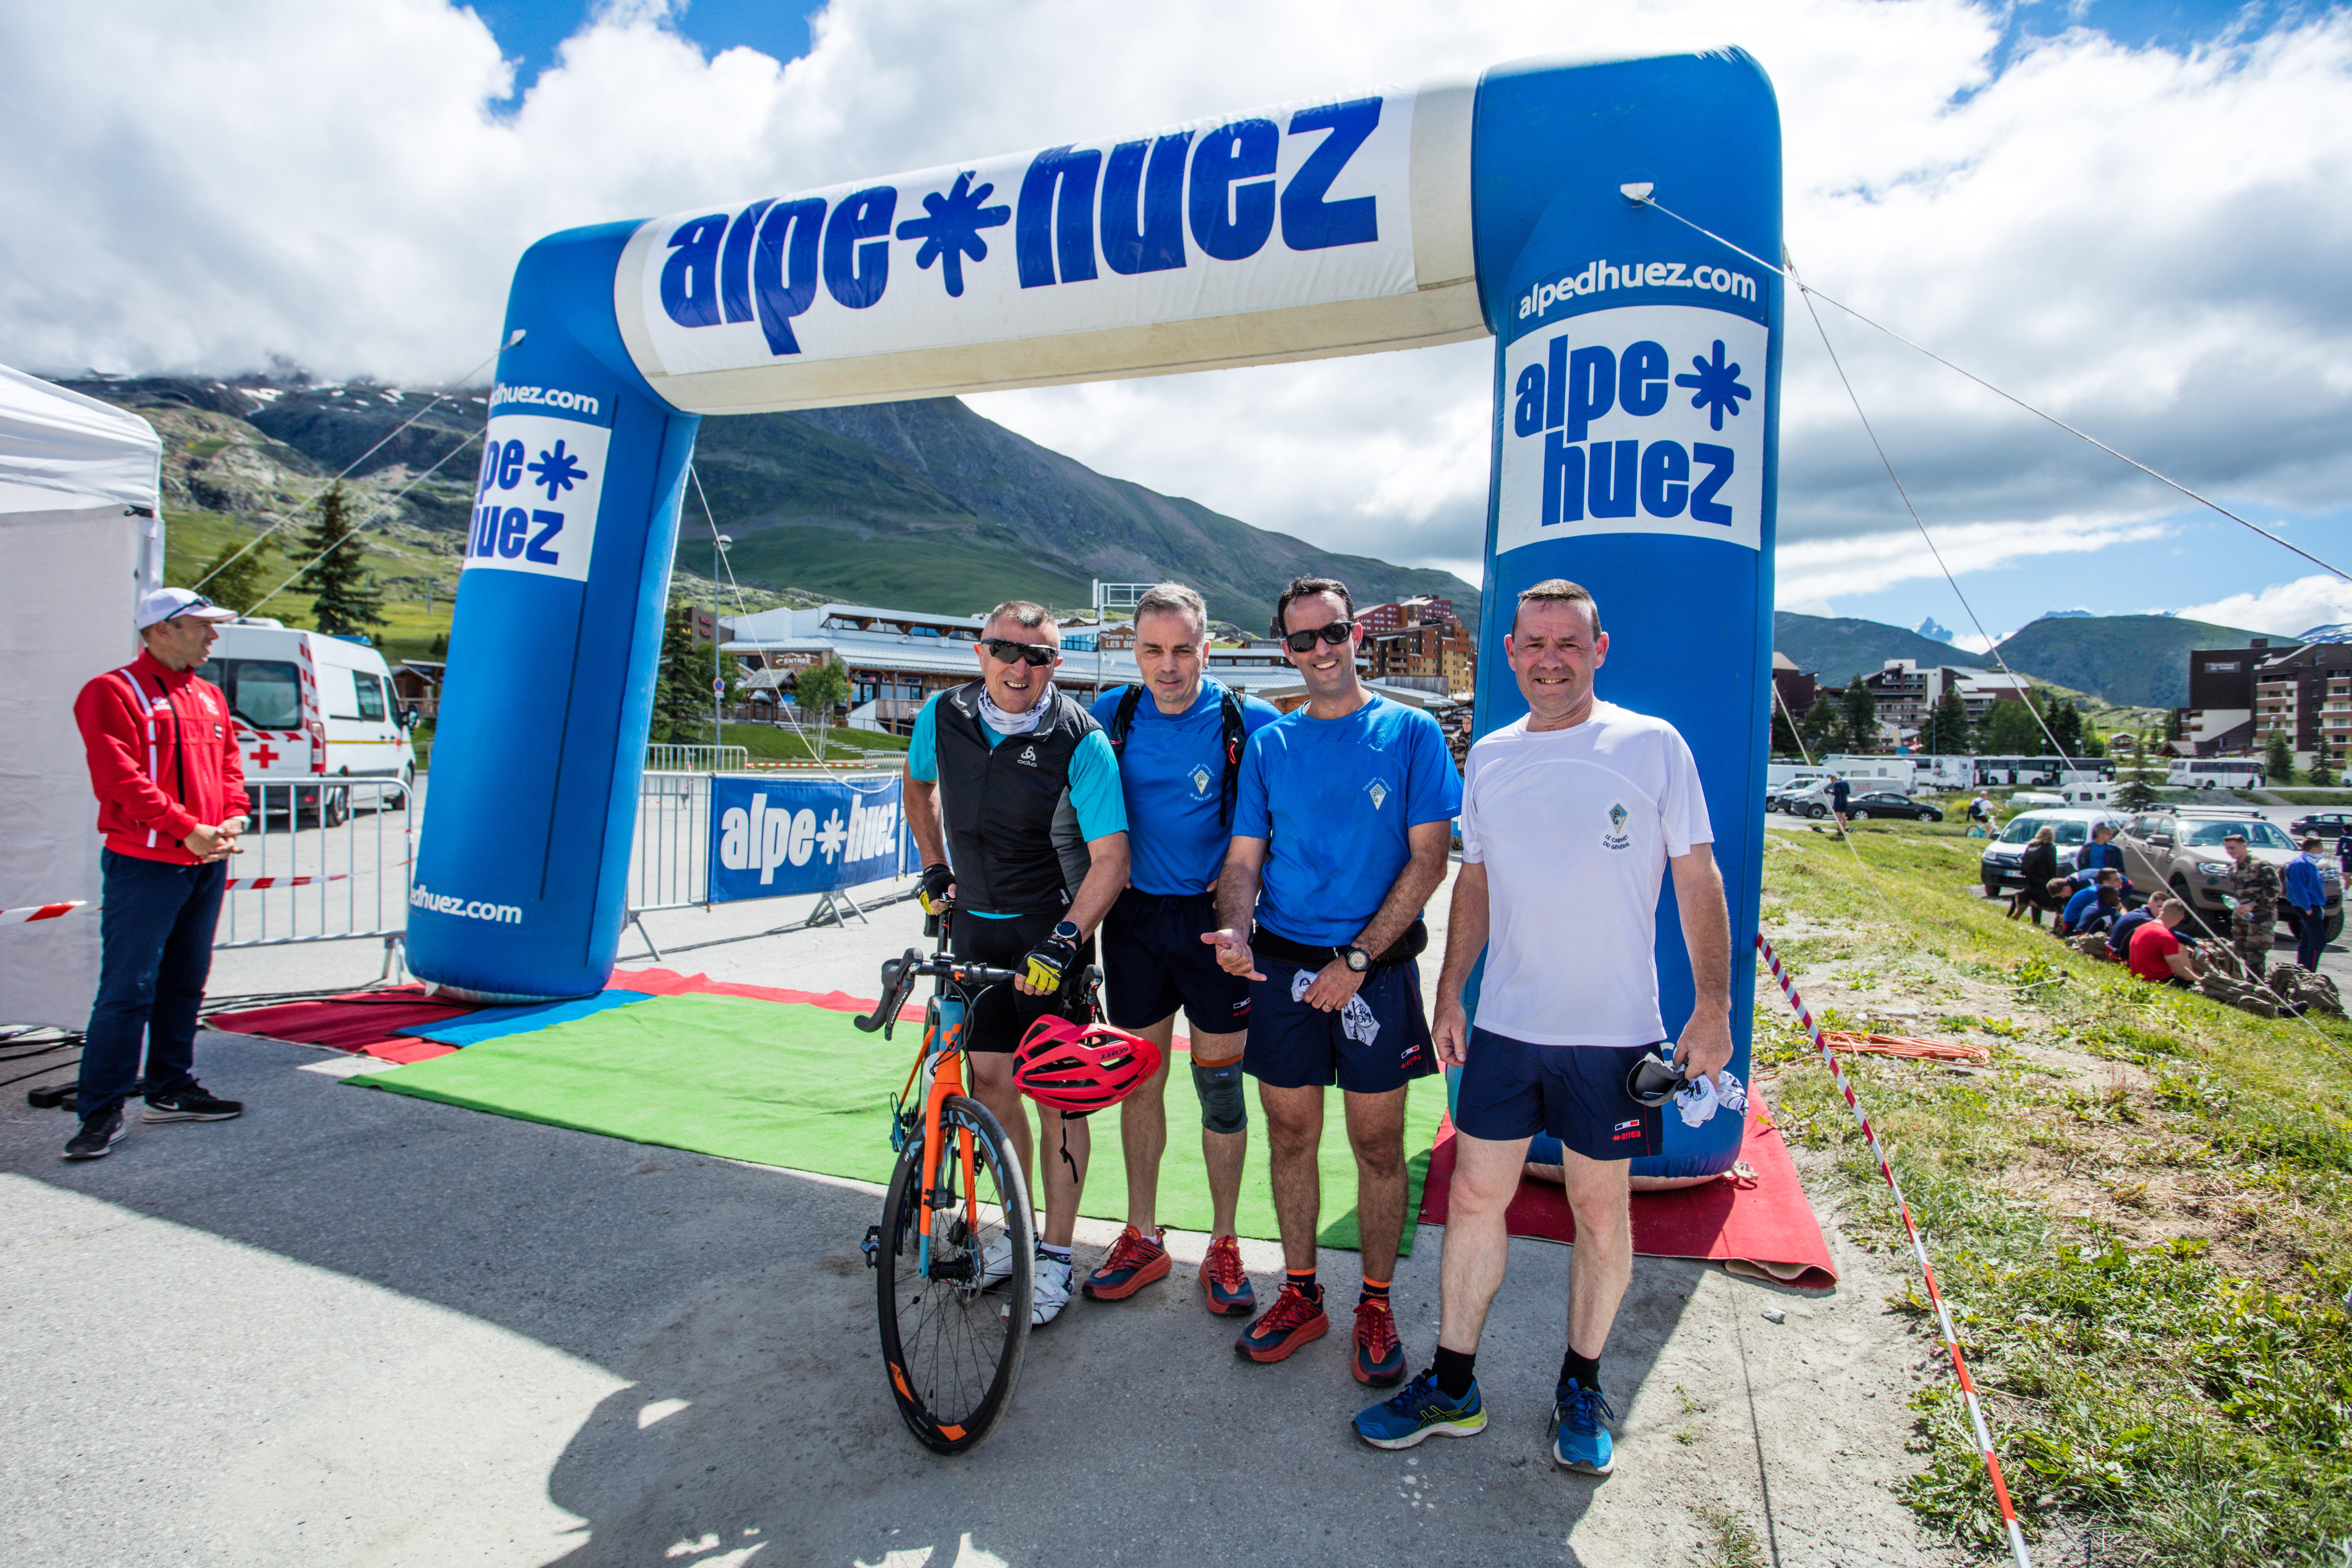 Montée de l'Alpe d'Huez au profit de Terre Fraternité (activité en juin 2021)